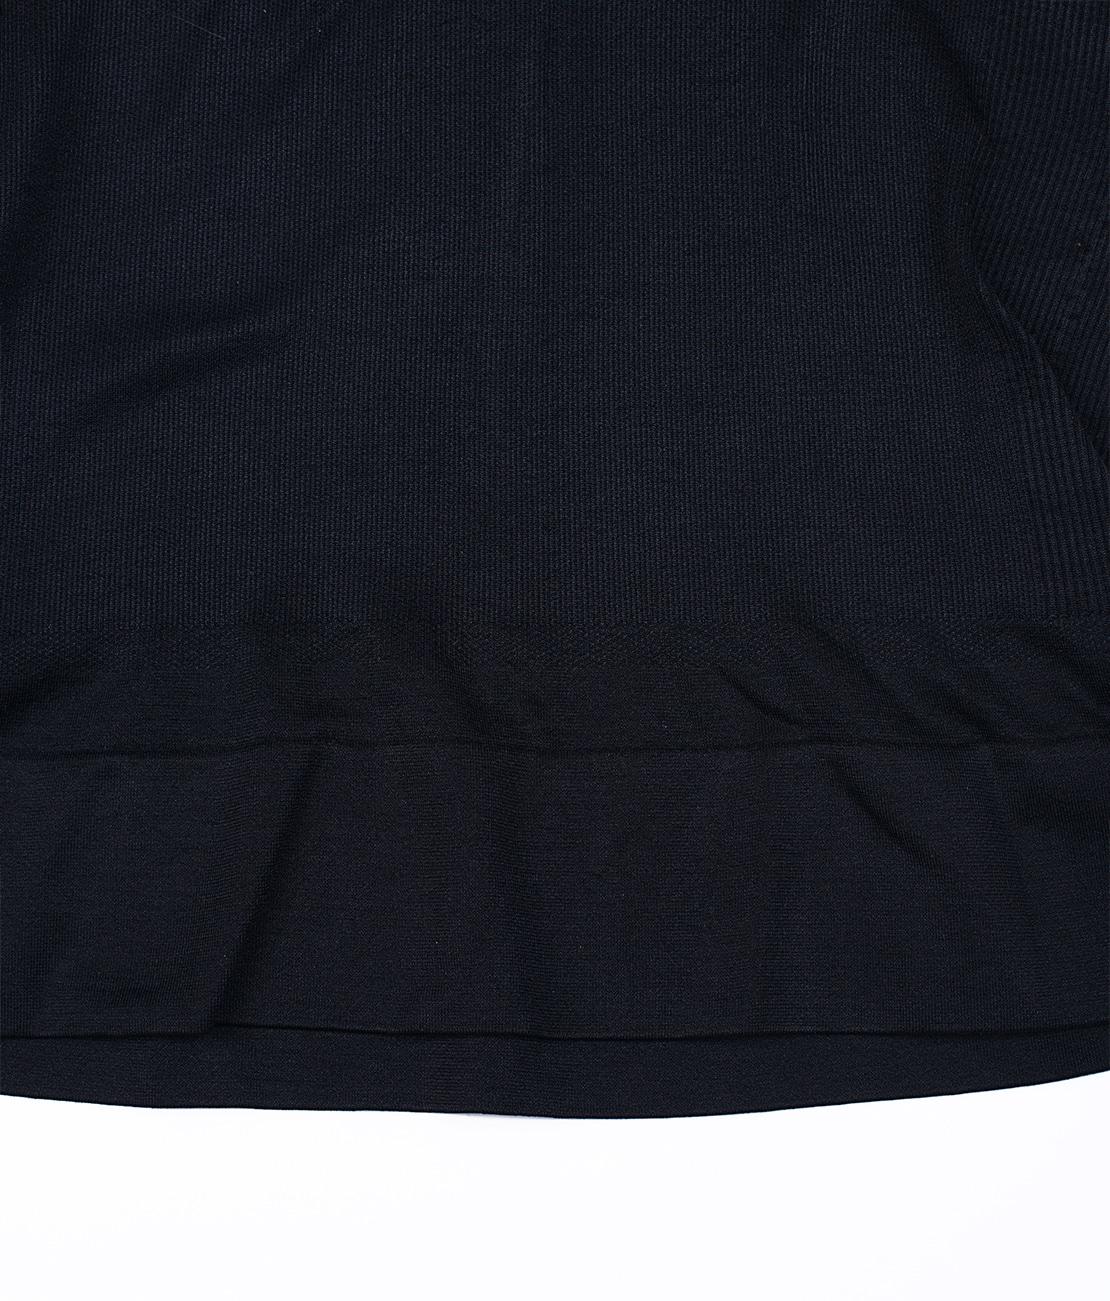 T Shirt Amincissant Noir Packshot Detail 3